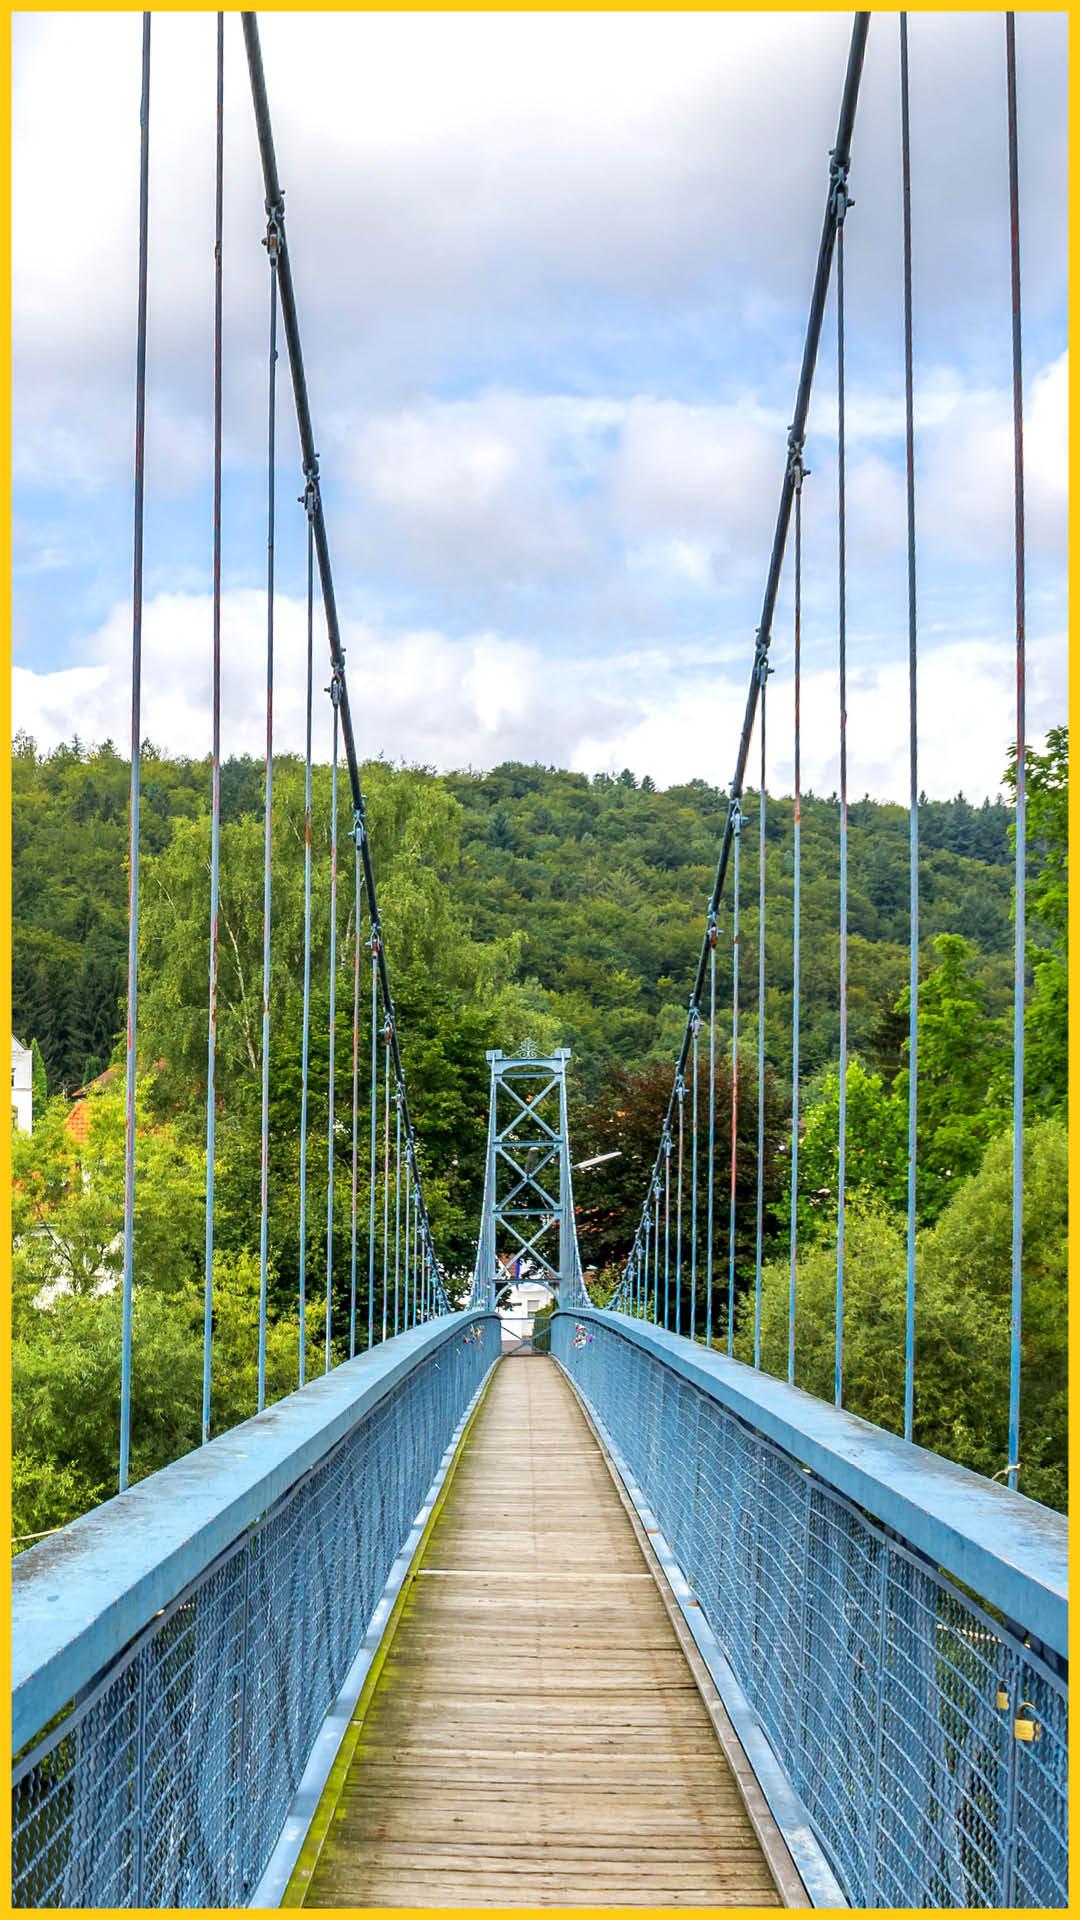 Blaue Hängebrücke in Hannoversch Münden auf dem Werratal Radweg durchgeführt vom Werra Bikes